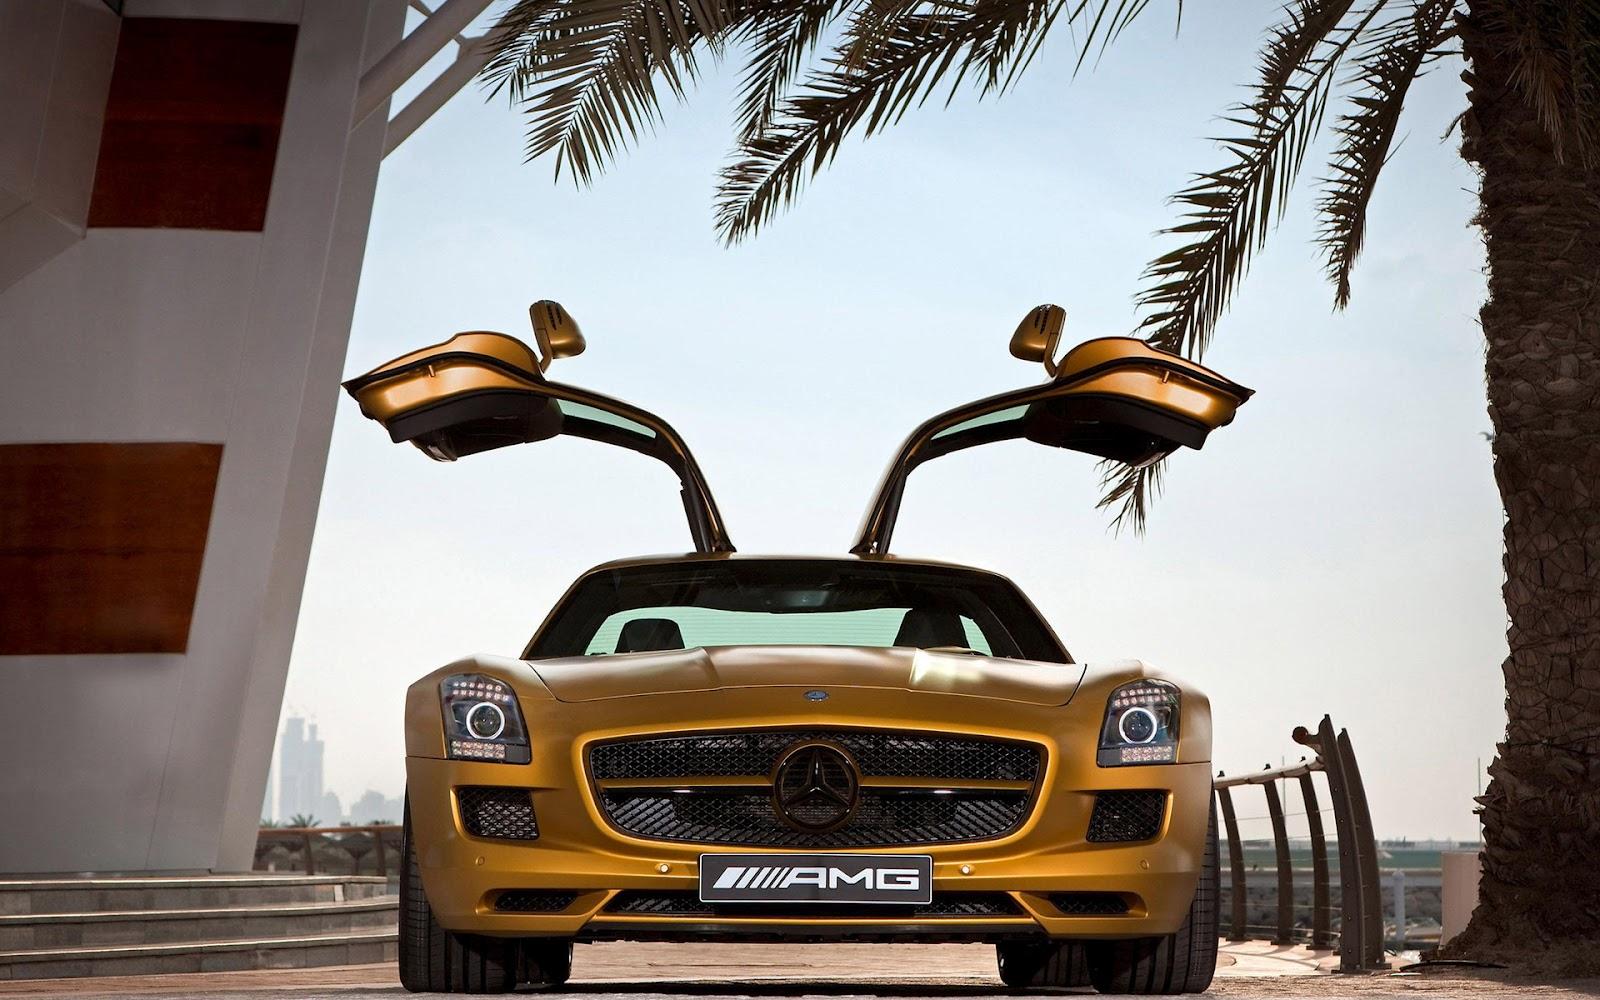 http://3.bp.blogspot.com/-ZCqteJuVP7I/T51zWTEDrDI/AAAAAAAAbJg/_kY5QyS8xaM/s1600/Mercedes-Benz-AMG-SLS_06.jpg